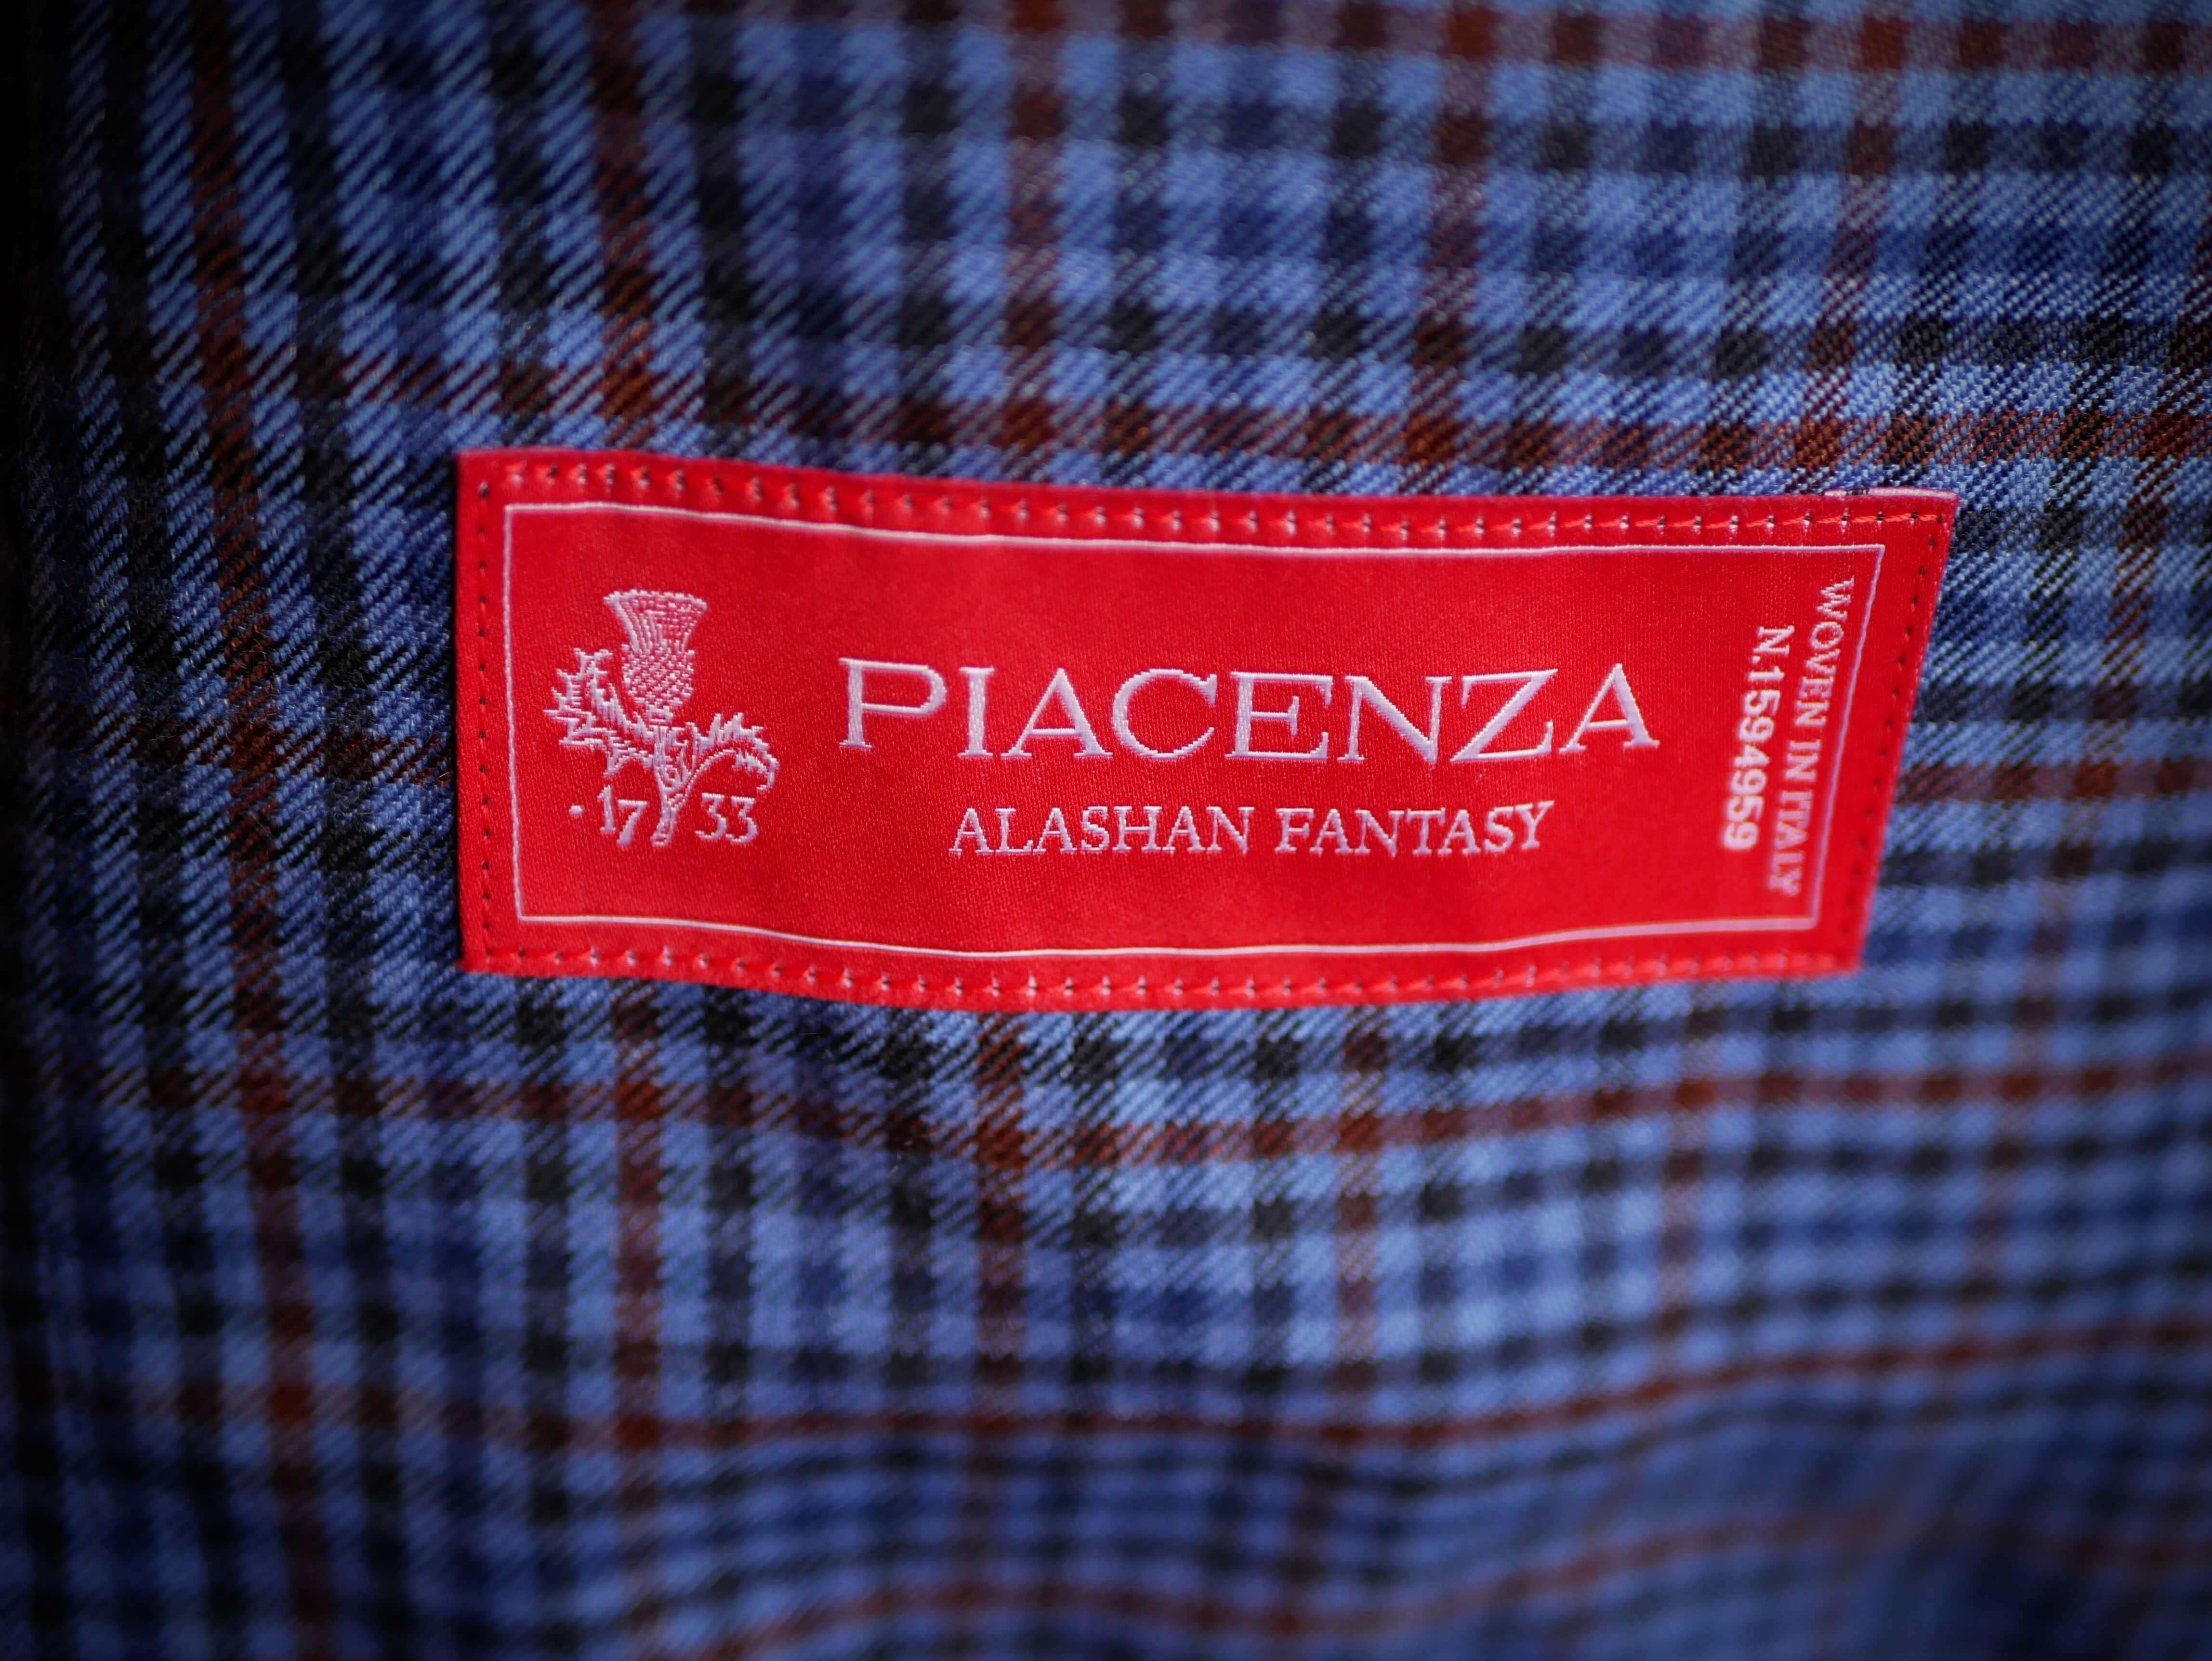 リコメンドファブリックvol.3 PIACENZA ピアチェンツァ 2020SS